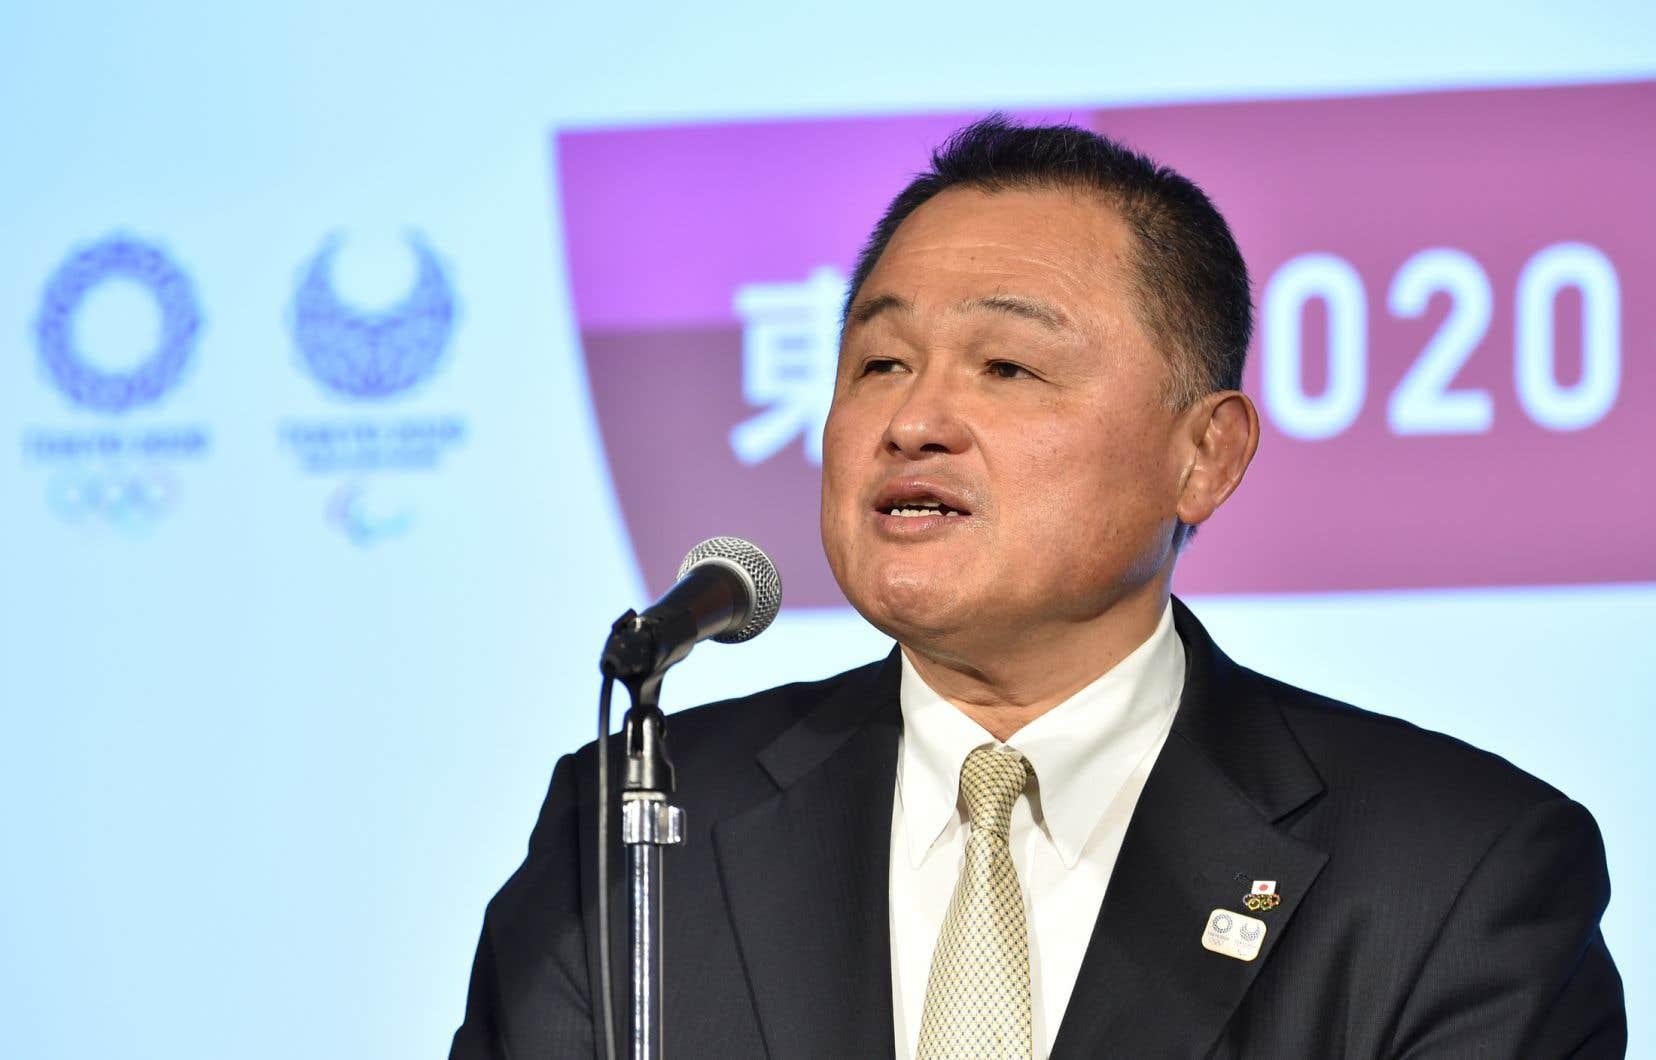 Yasuhiro Yamashita, un ancien médaillé d'or olympique en judo, a reconnu en conférence de presse qu'il sera difficile d'organiser les Jeux olympiques l'année prochaine.